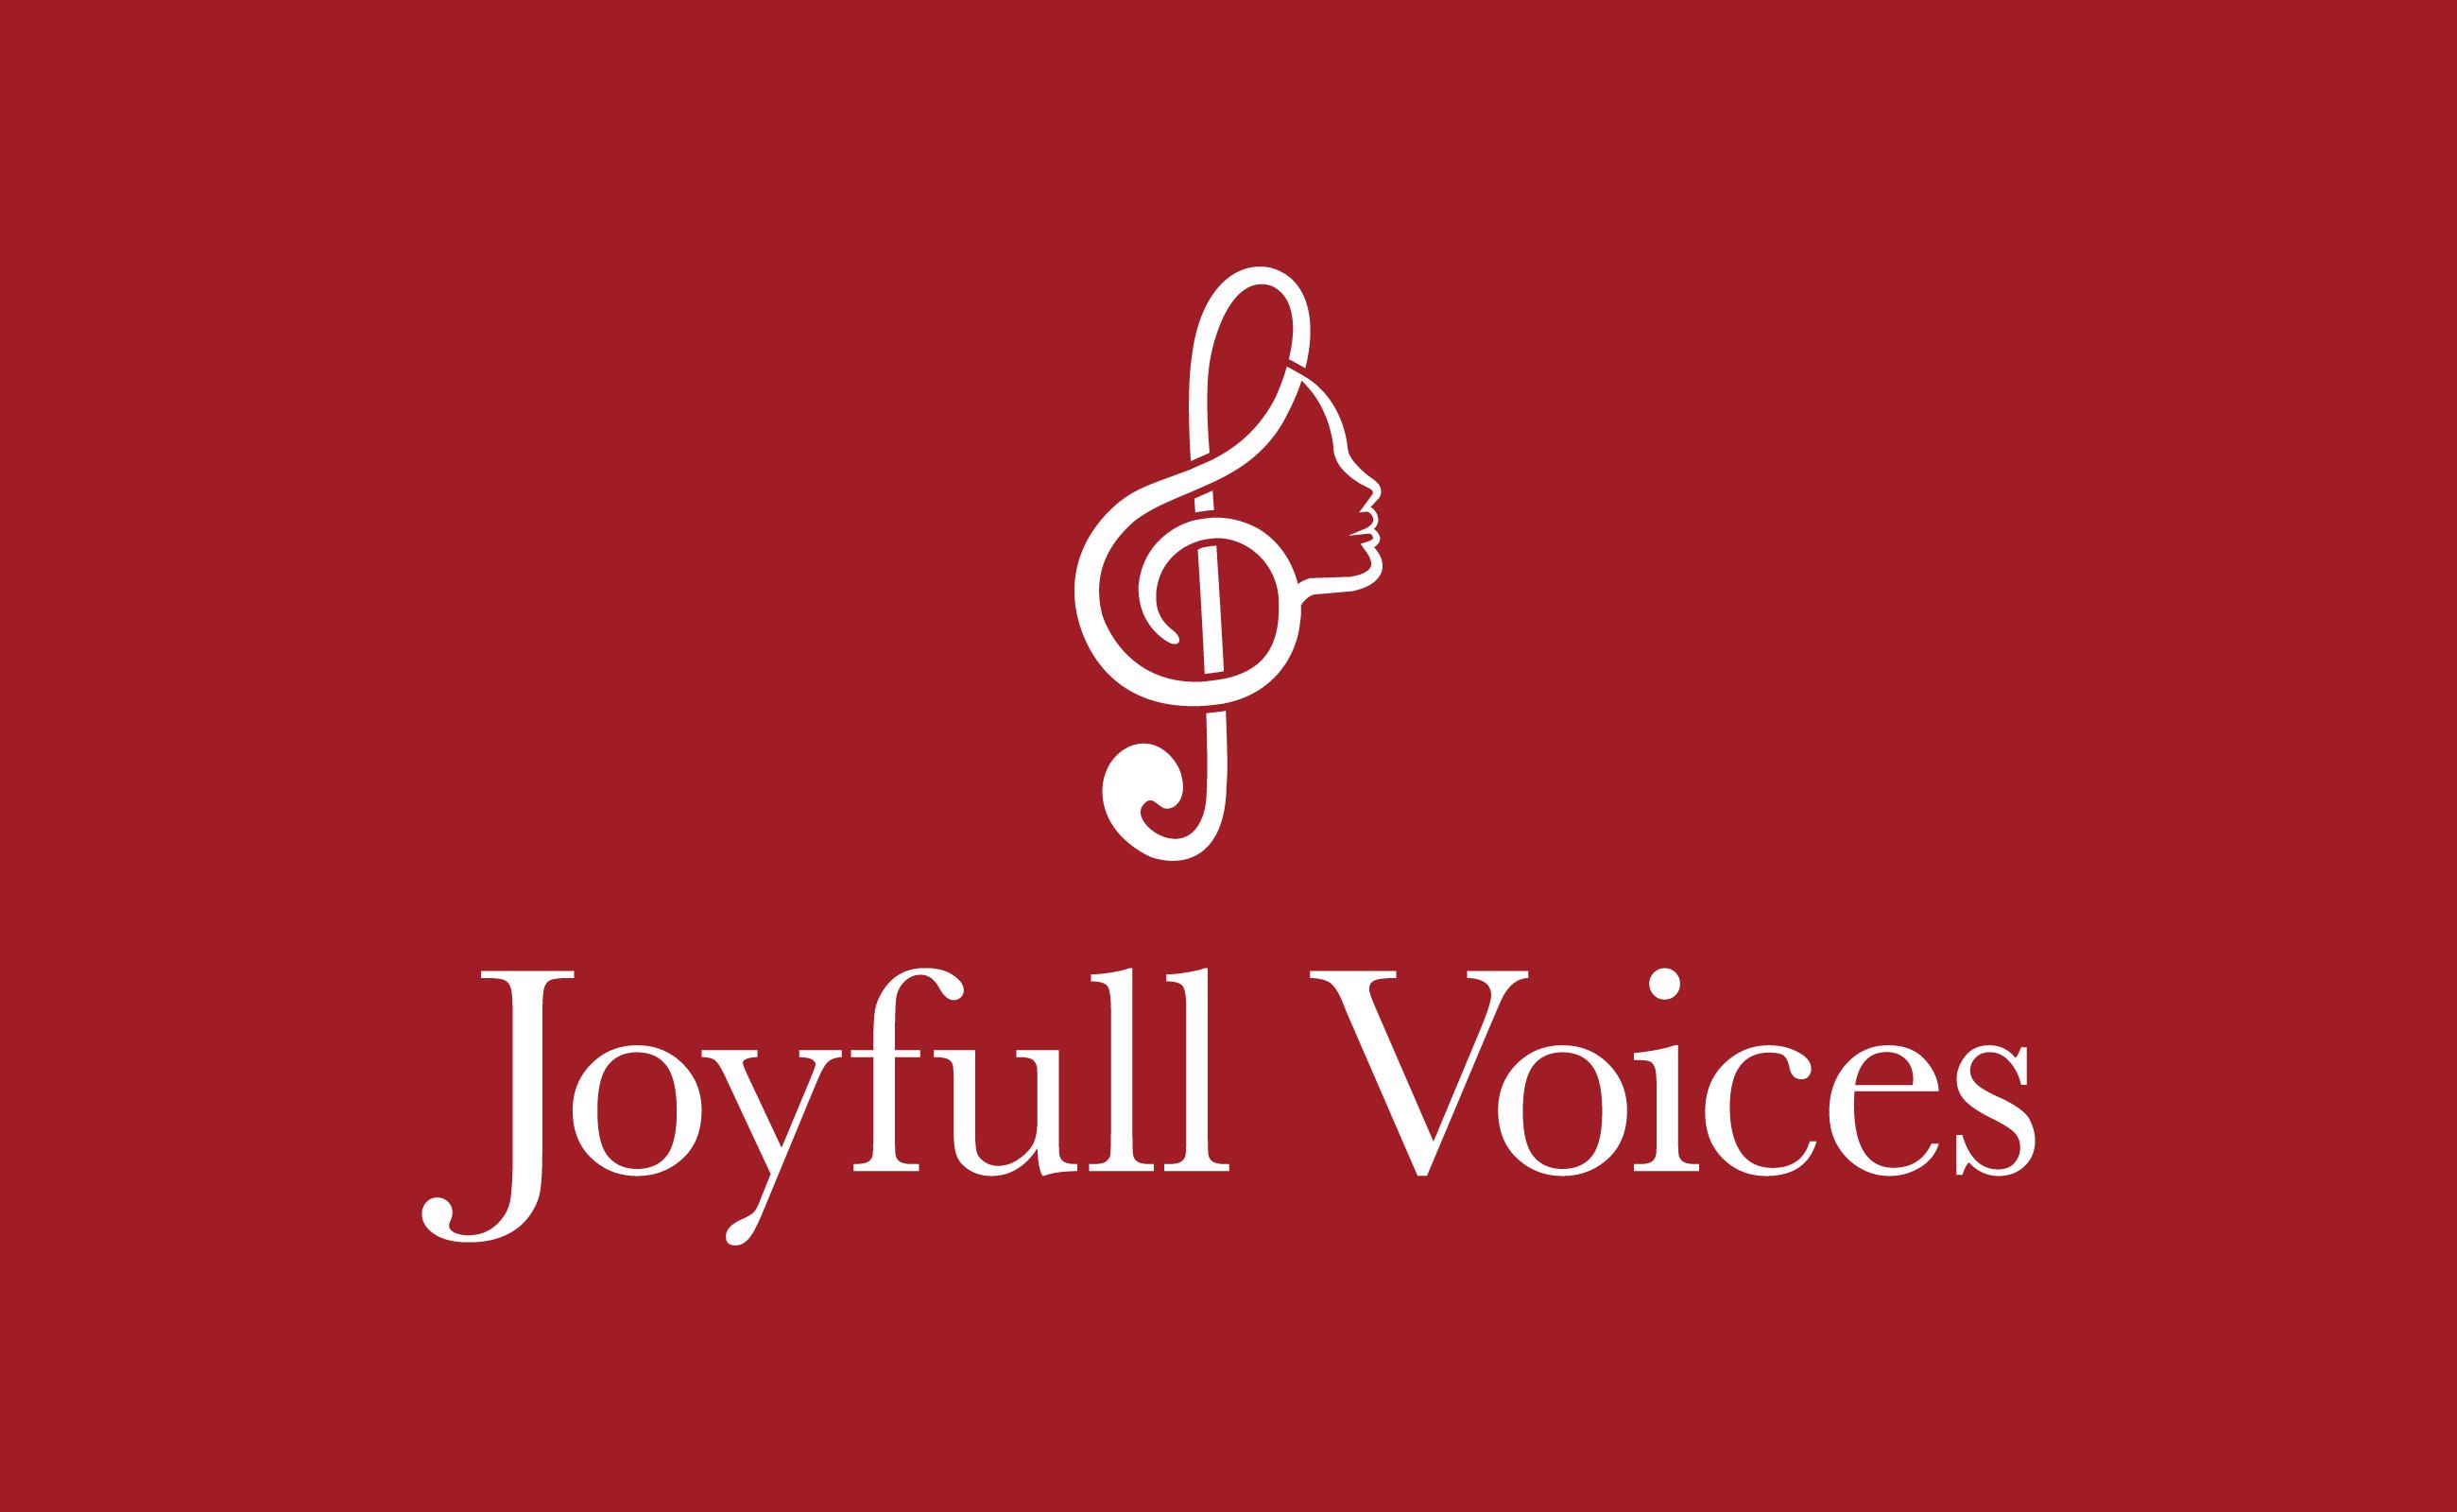 logo Joyfull Voices